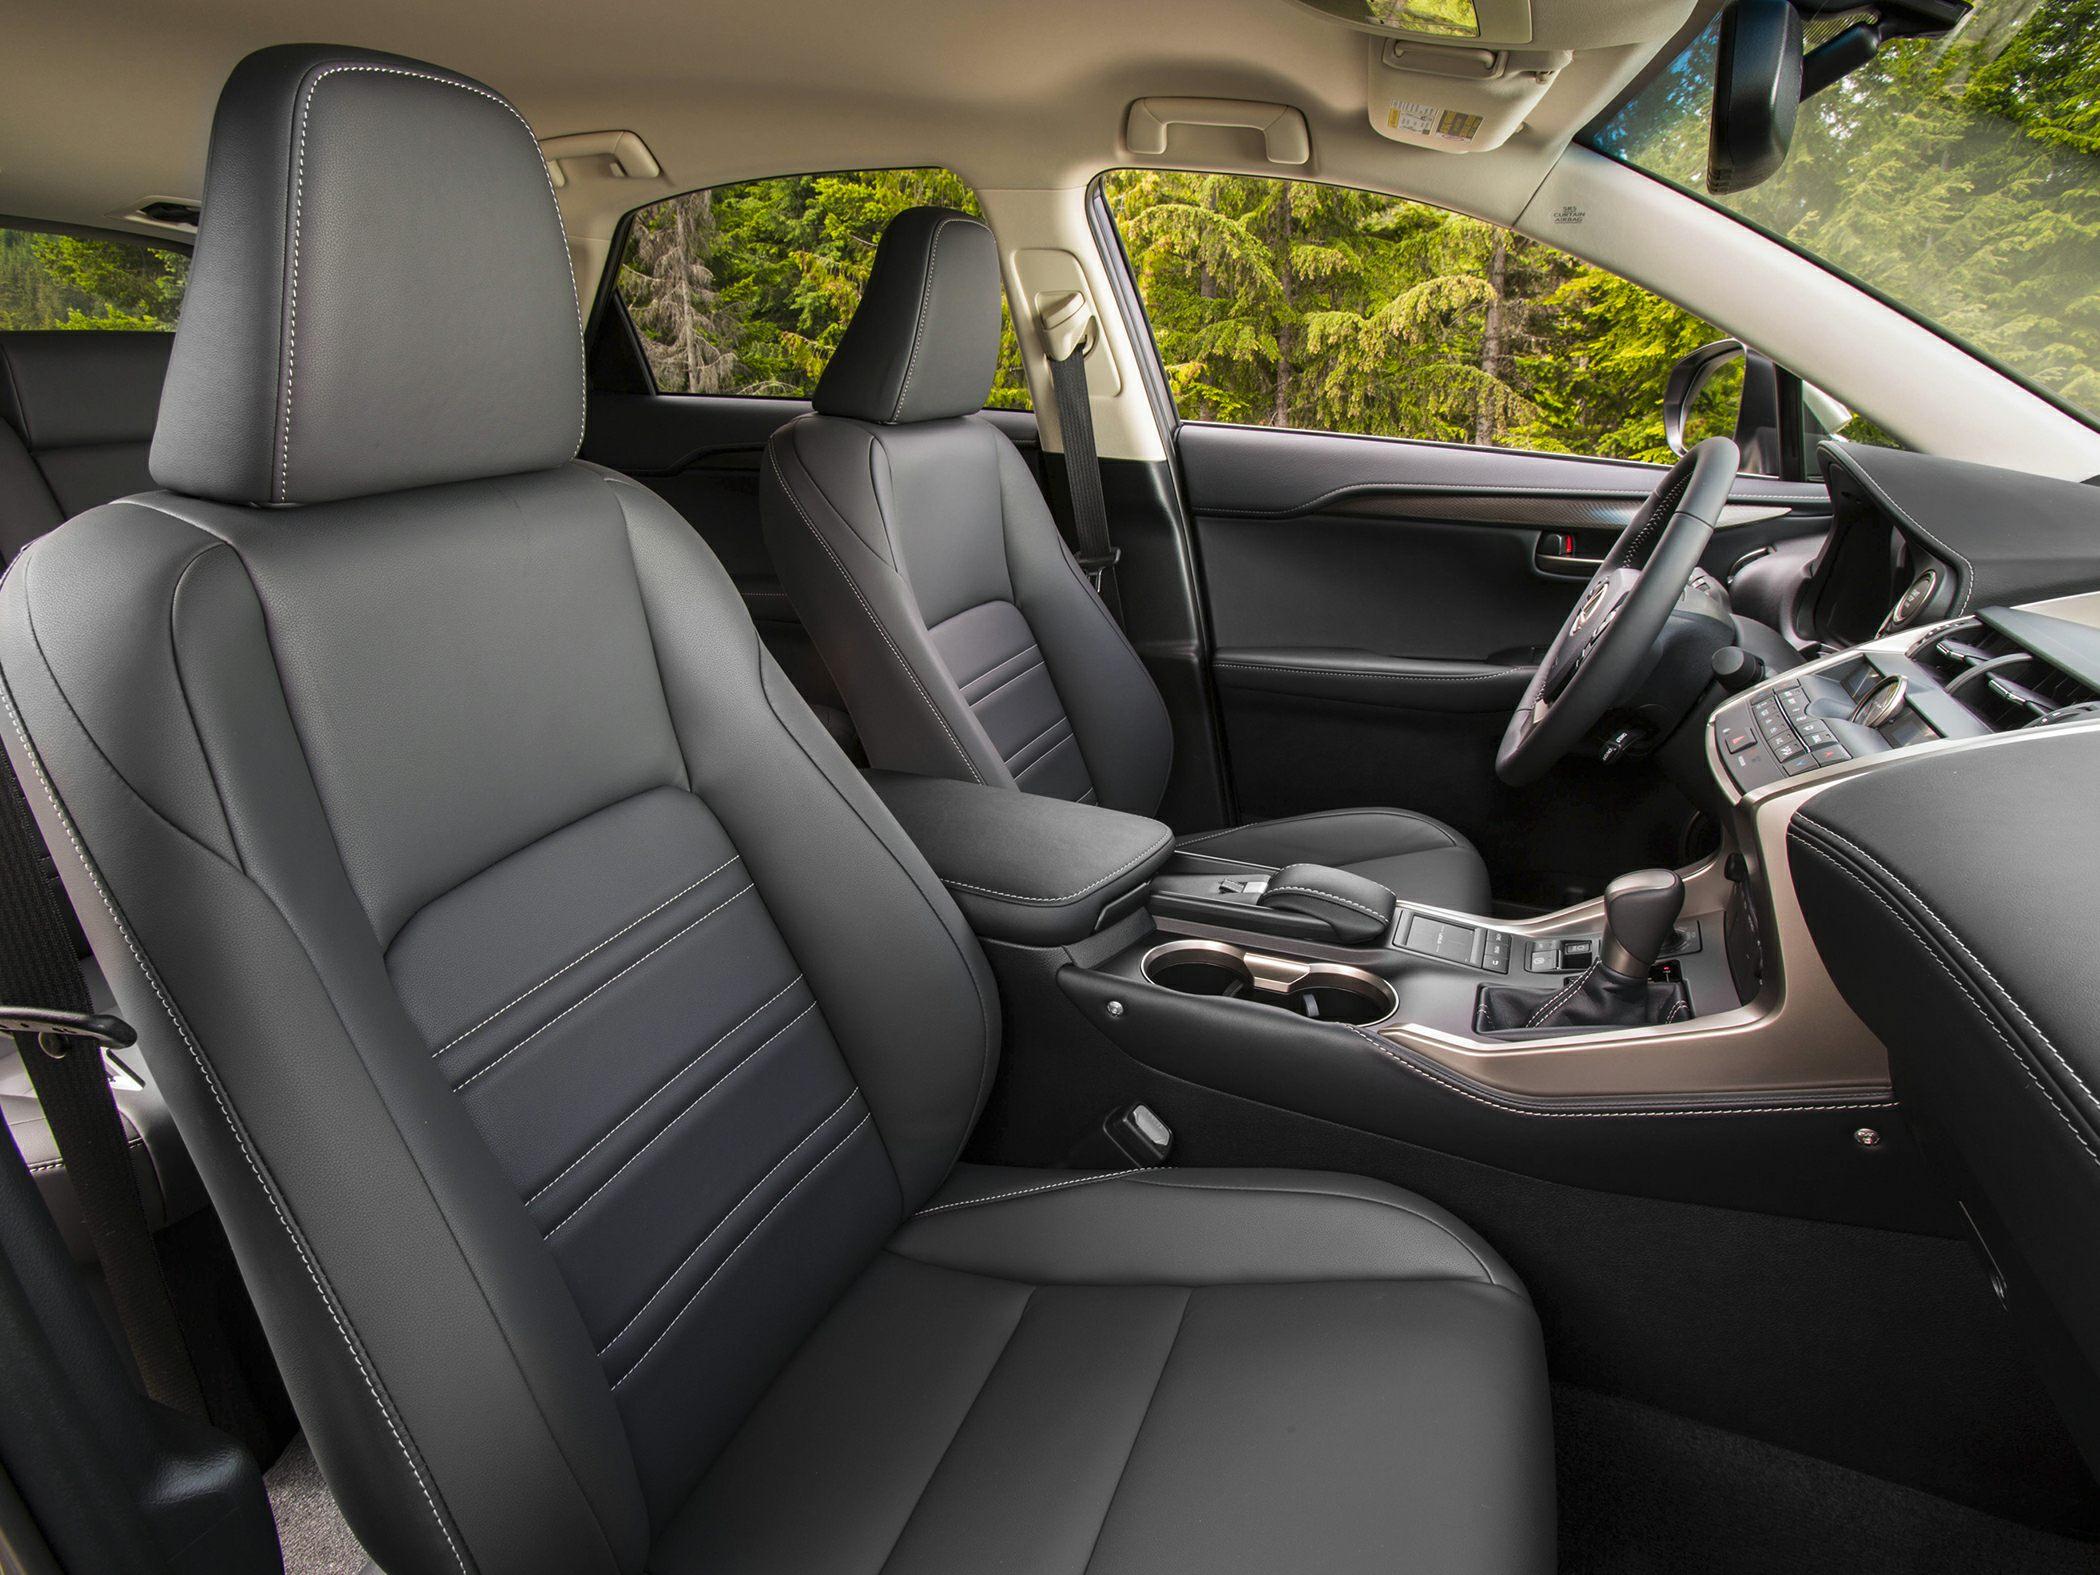 Lexus NX 200t Interior